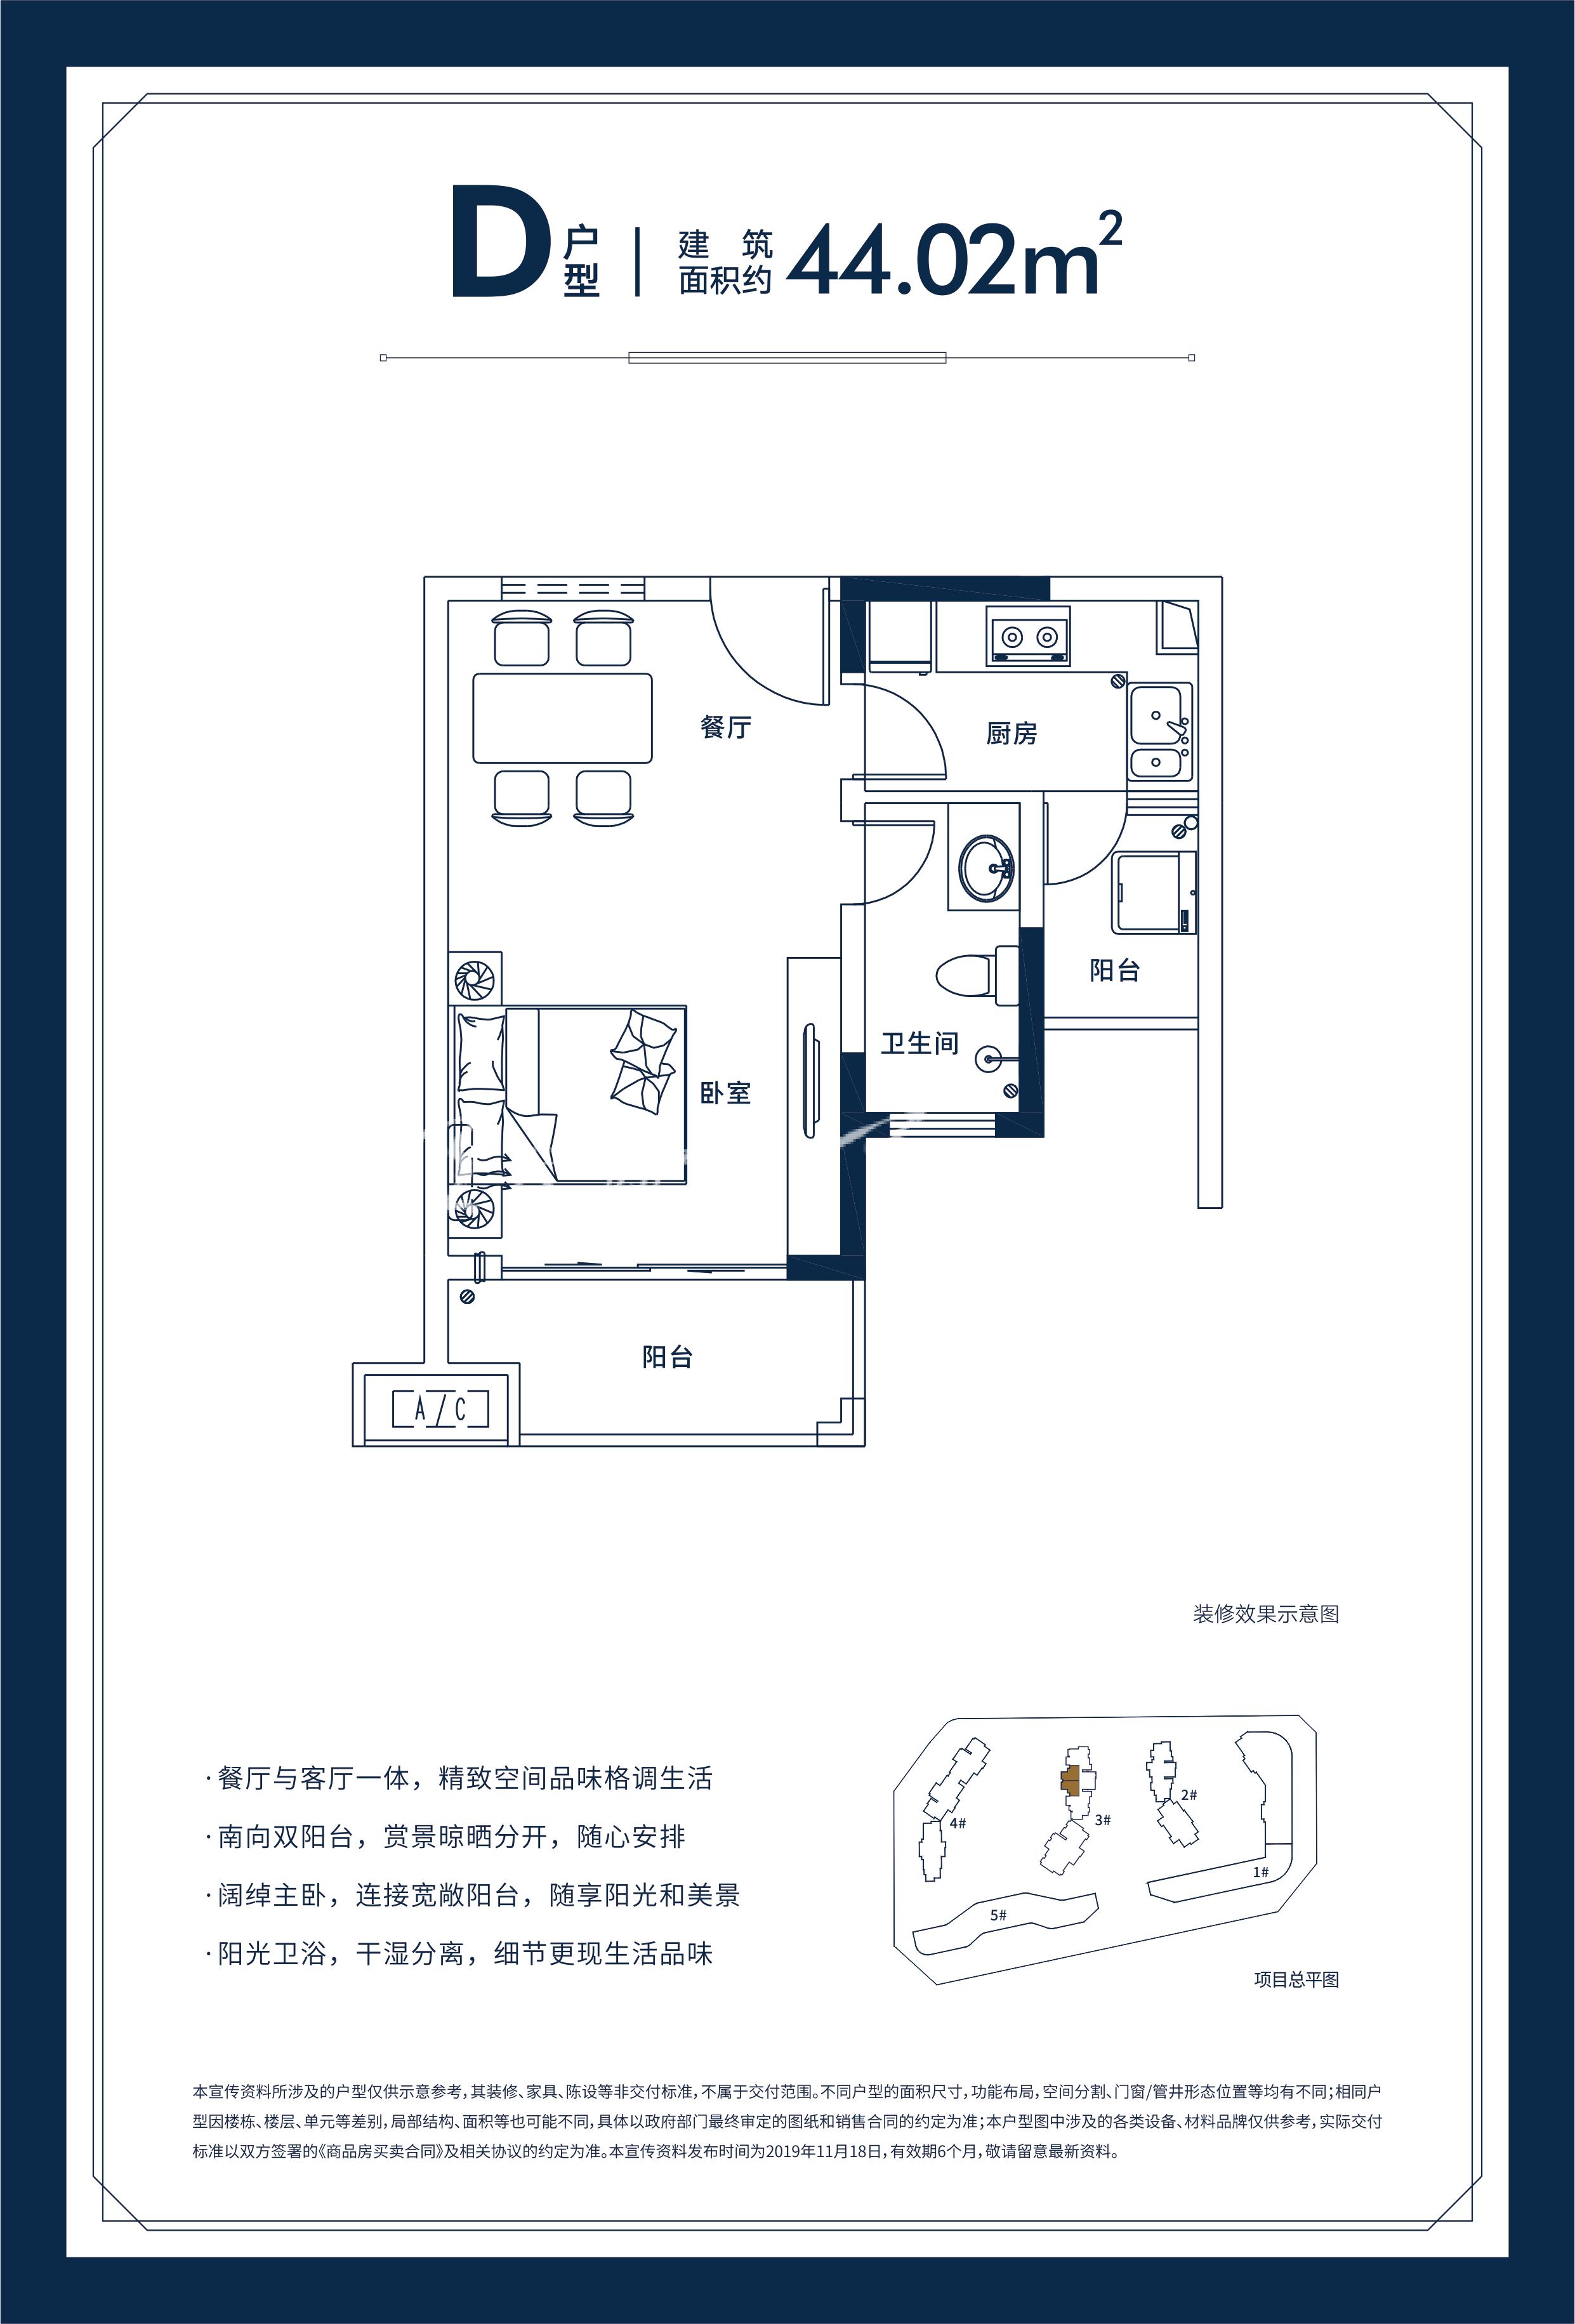 世茂幸福里D户型1室1厅1卫(建筑面积) 约45.1㎡